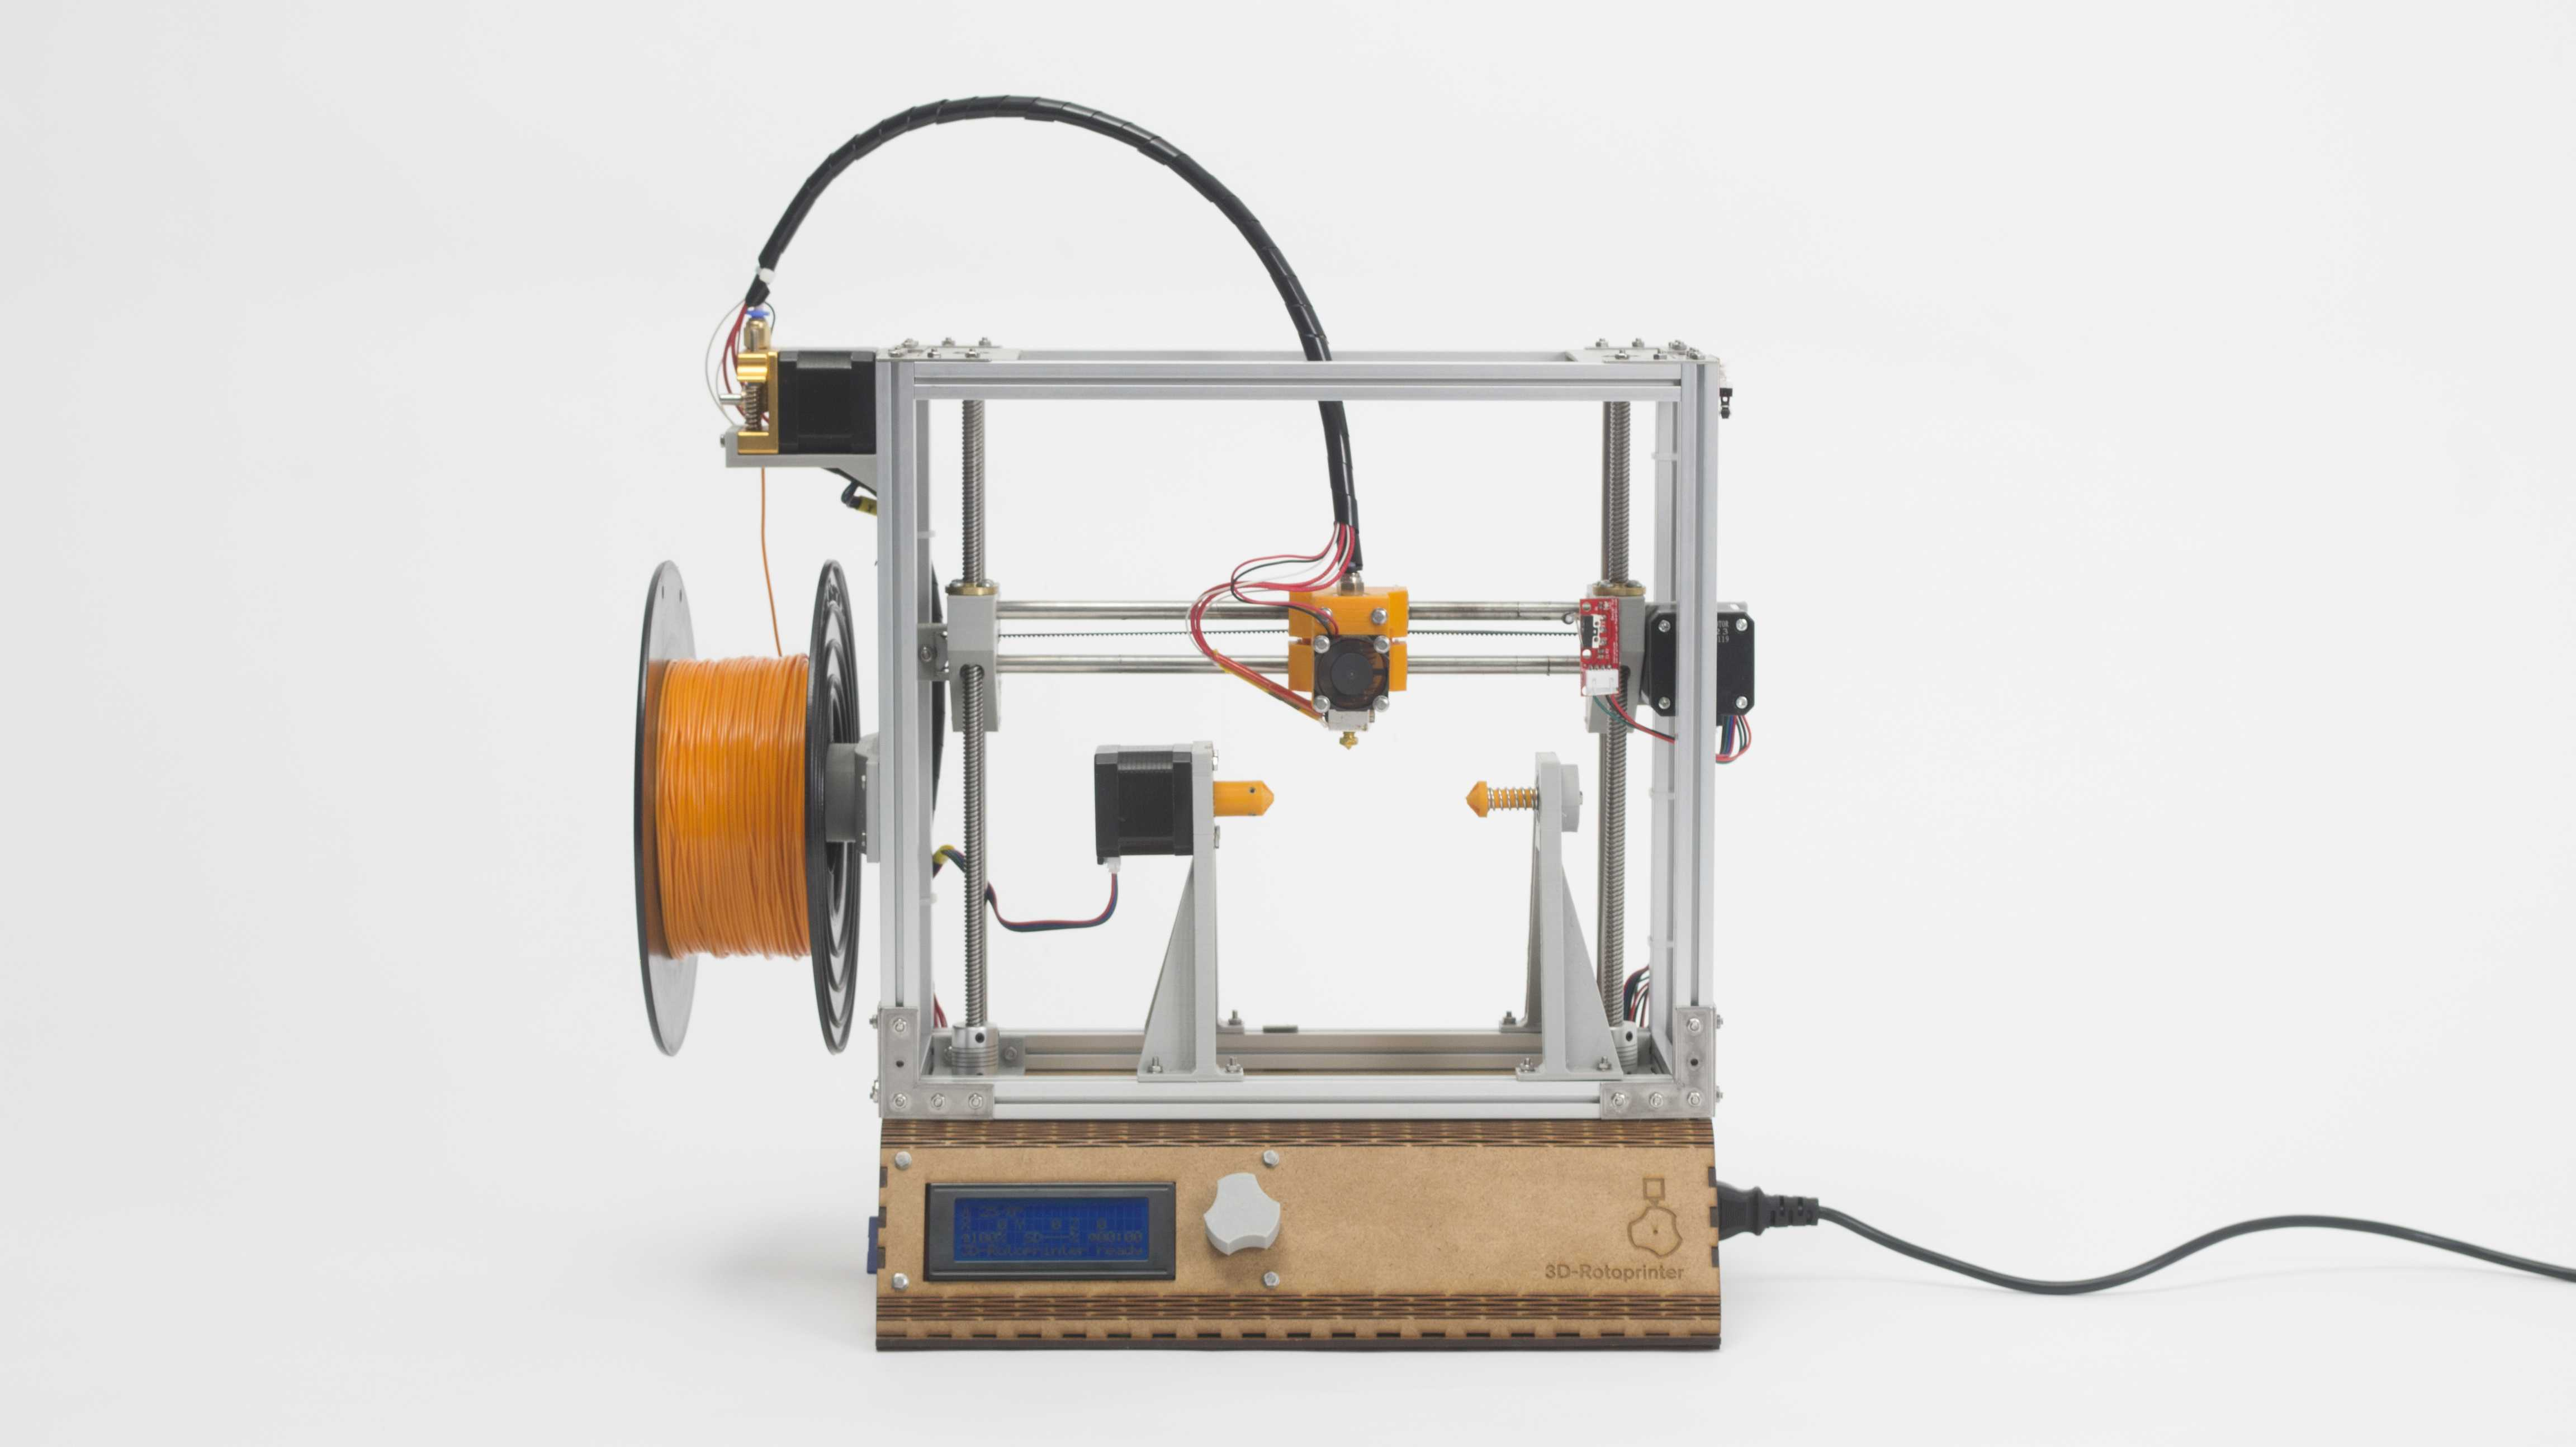 Ein 3D-Drucker der statt eines Drucktisch eine Vorrichtung für runde Drucke hat.